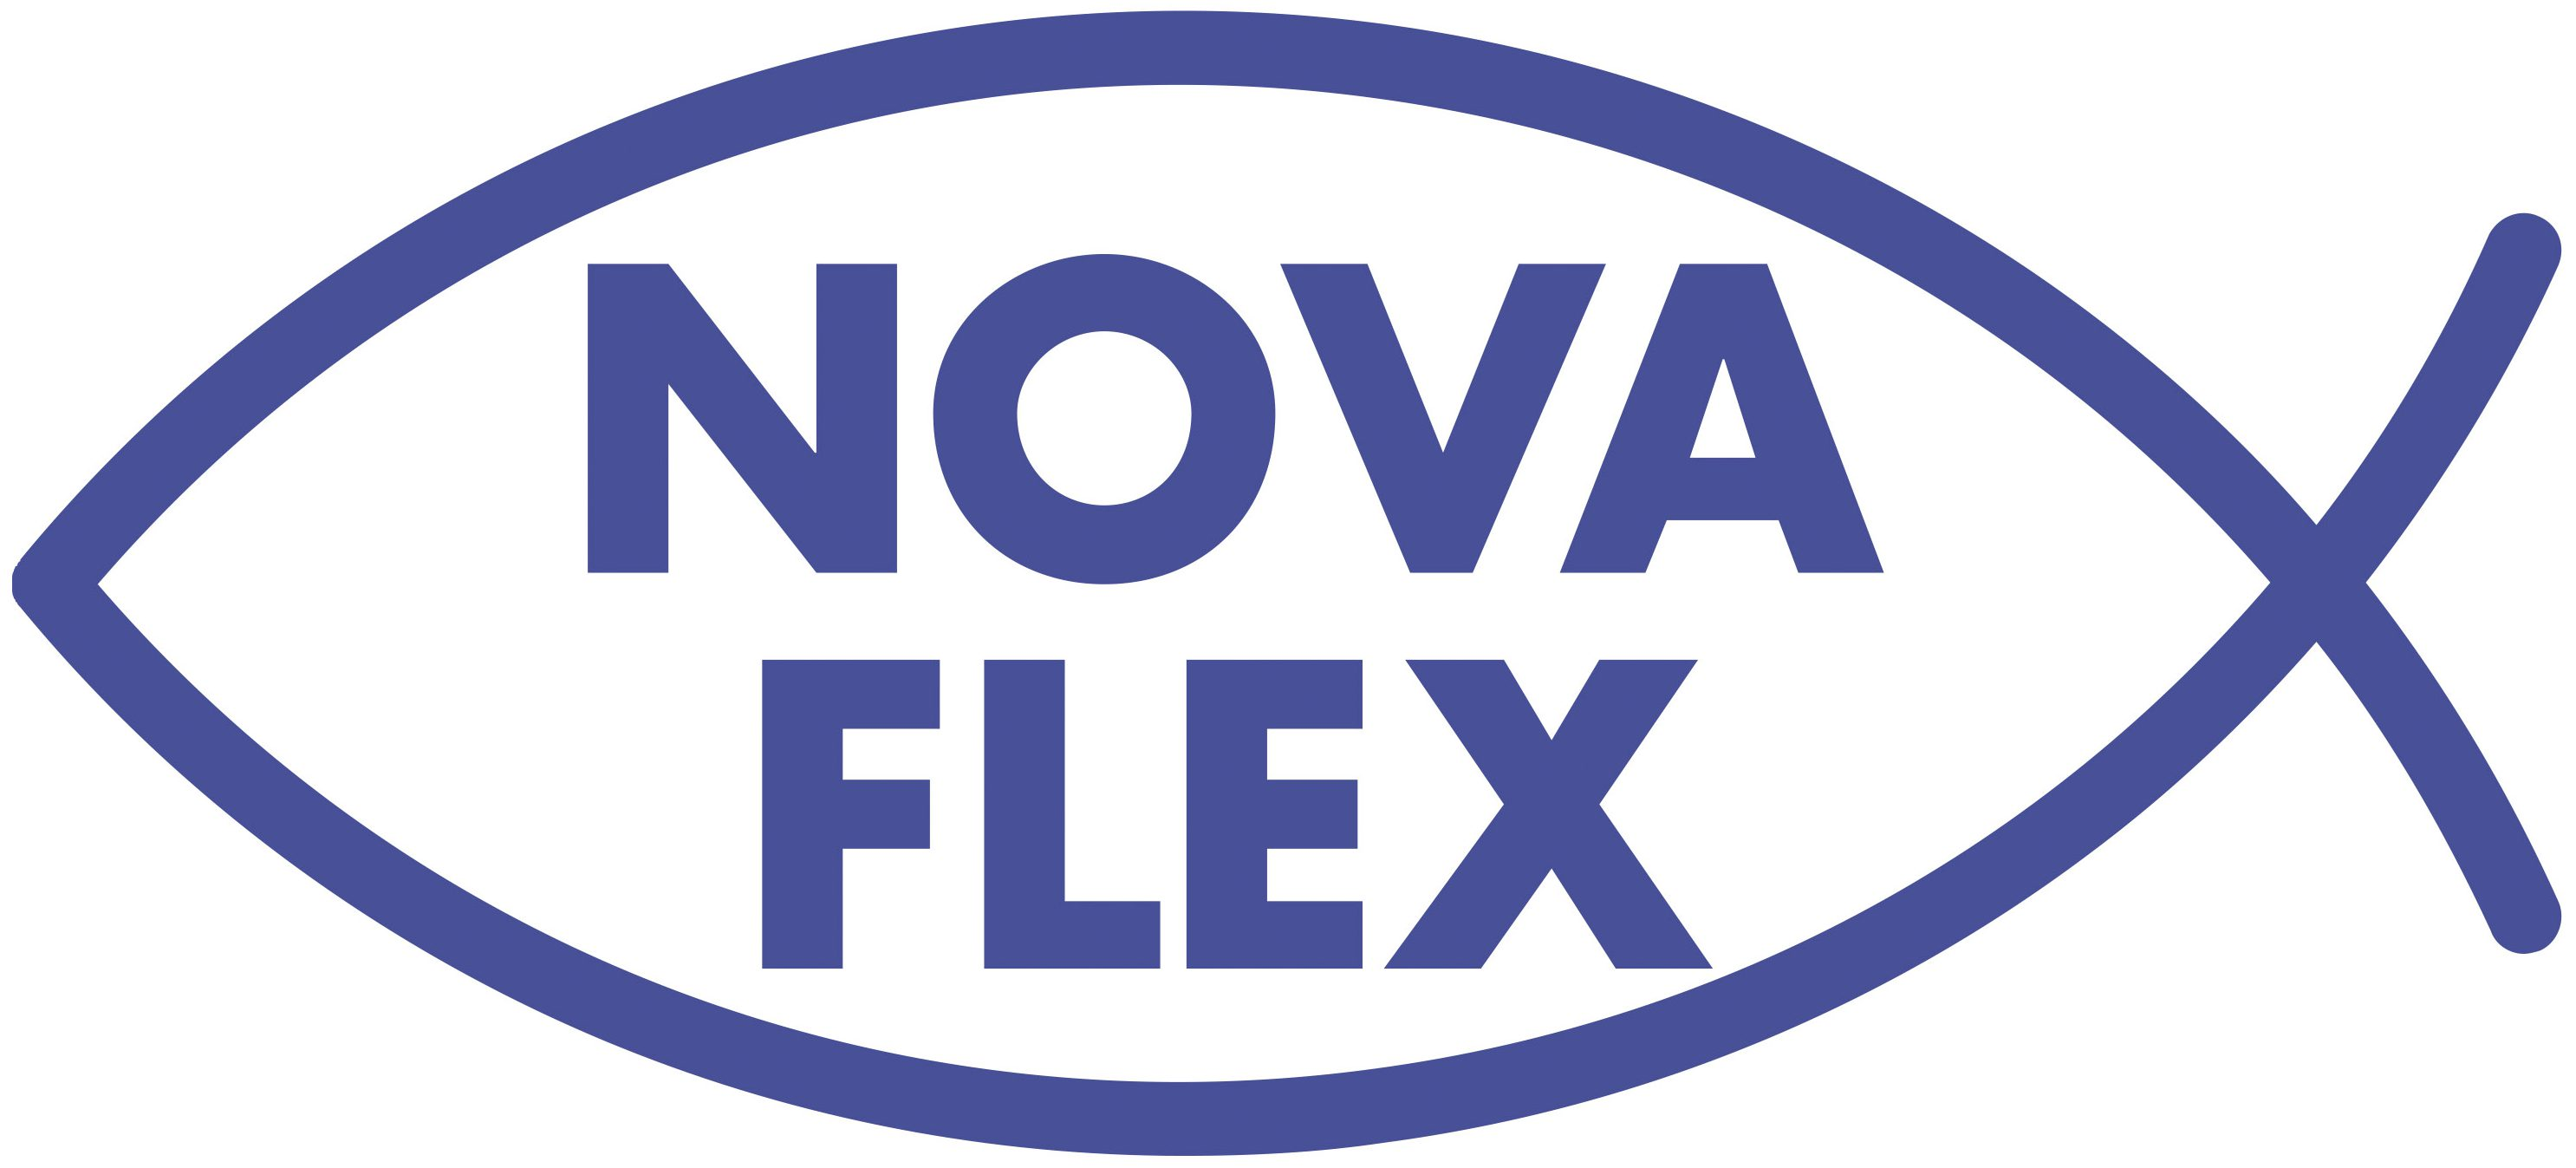 NovaFlex Indústria Gráfica